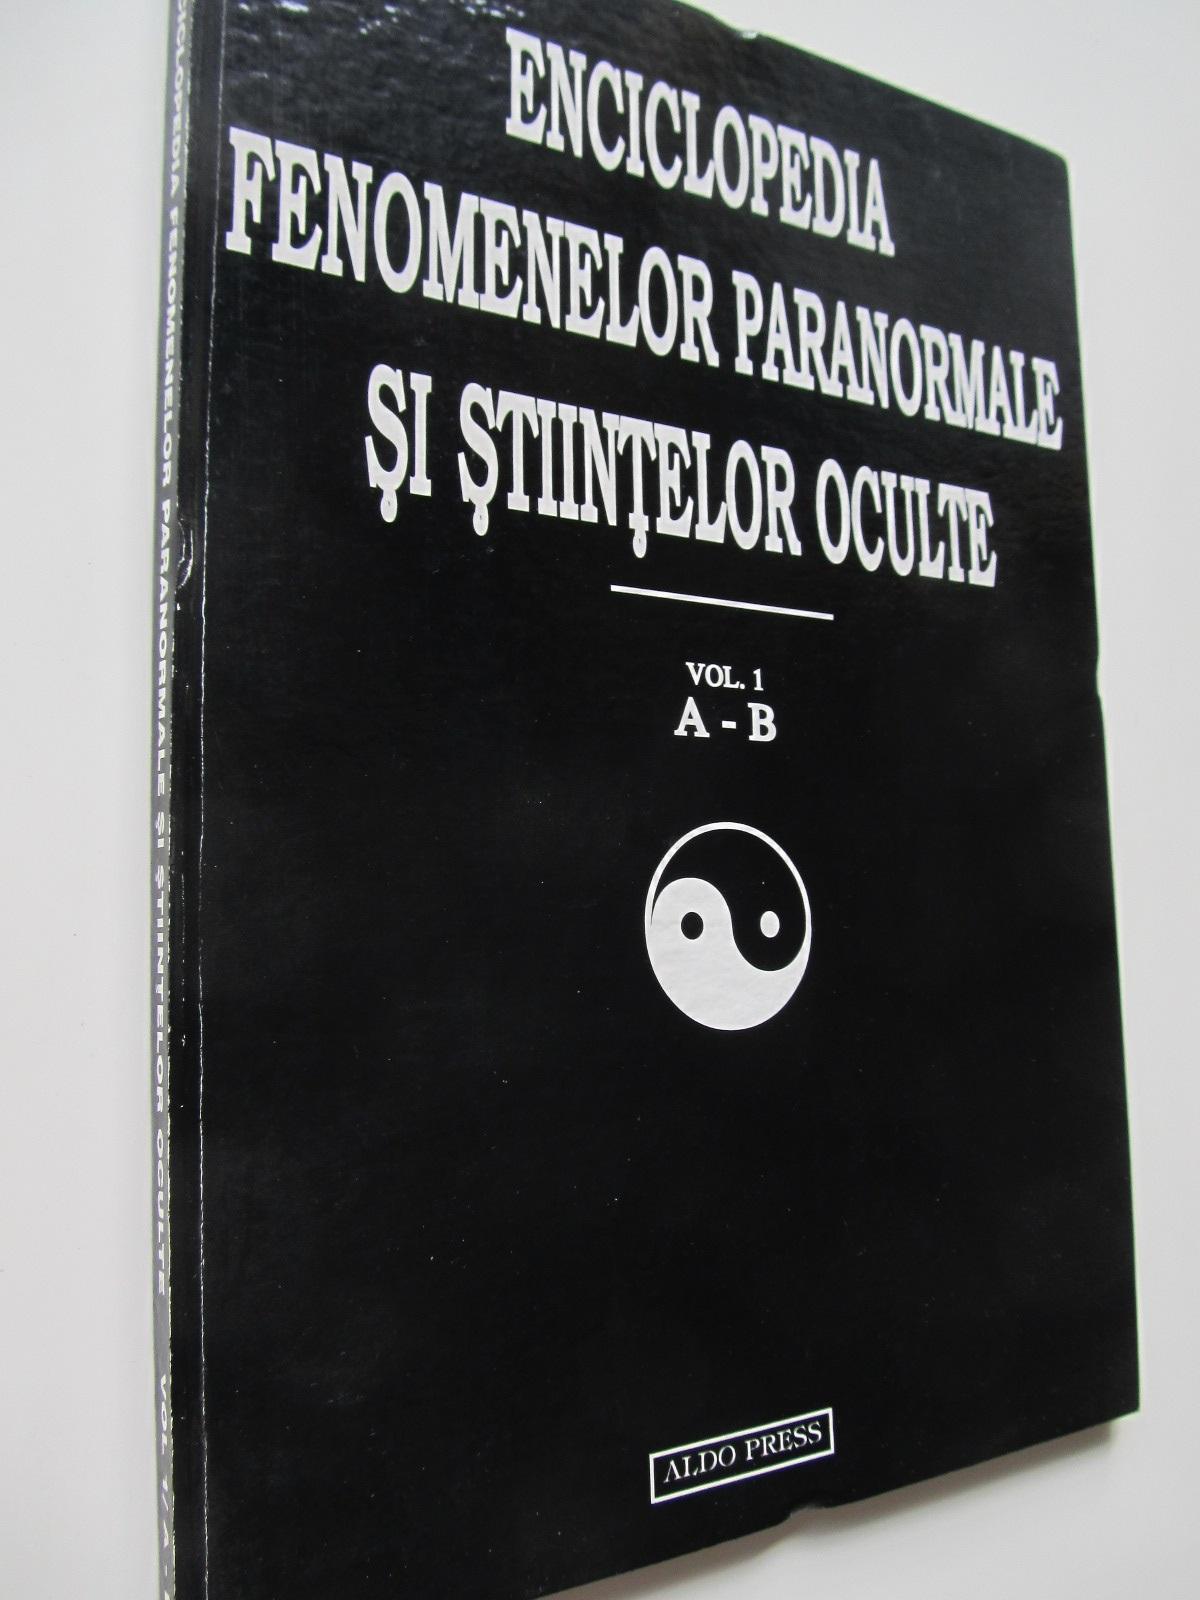 Enciclopedia fenomenelor paranormale si stiintelor oculte (vol. 1) A - B - Dan Seracu | Detalii carte